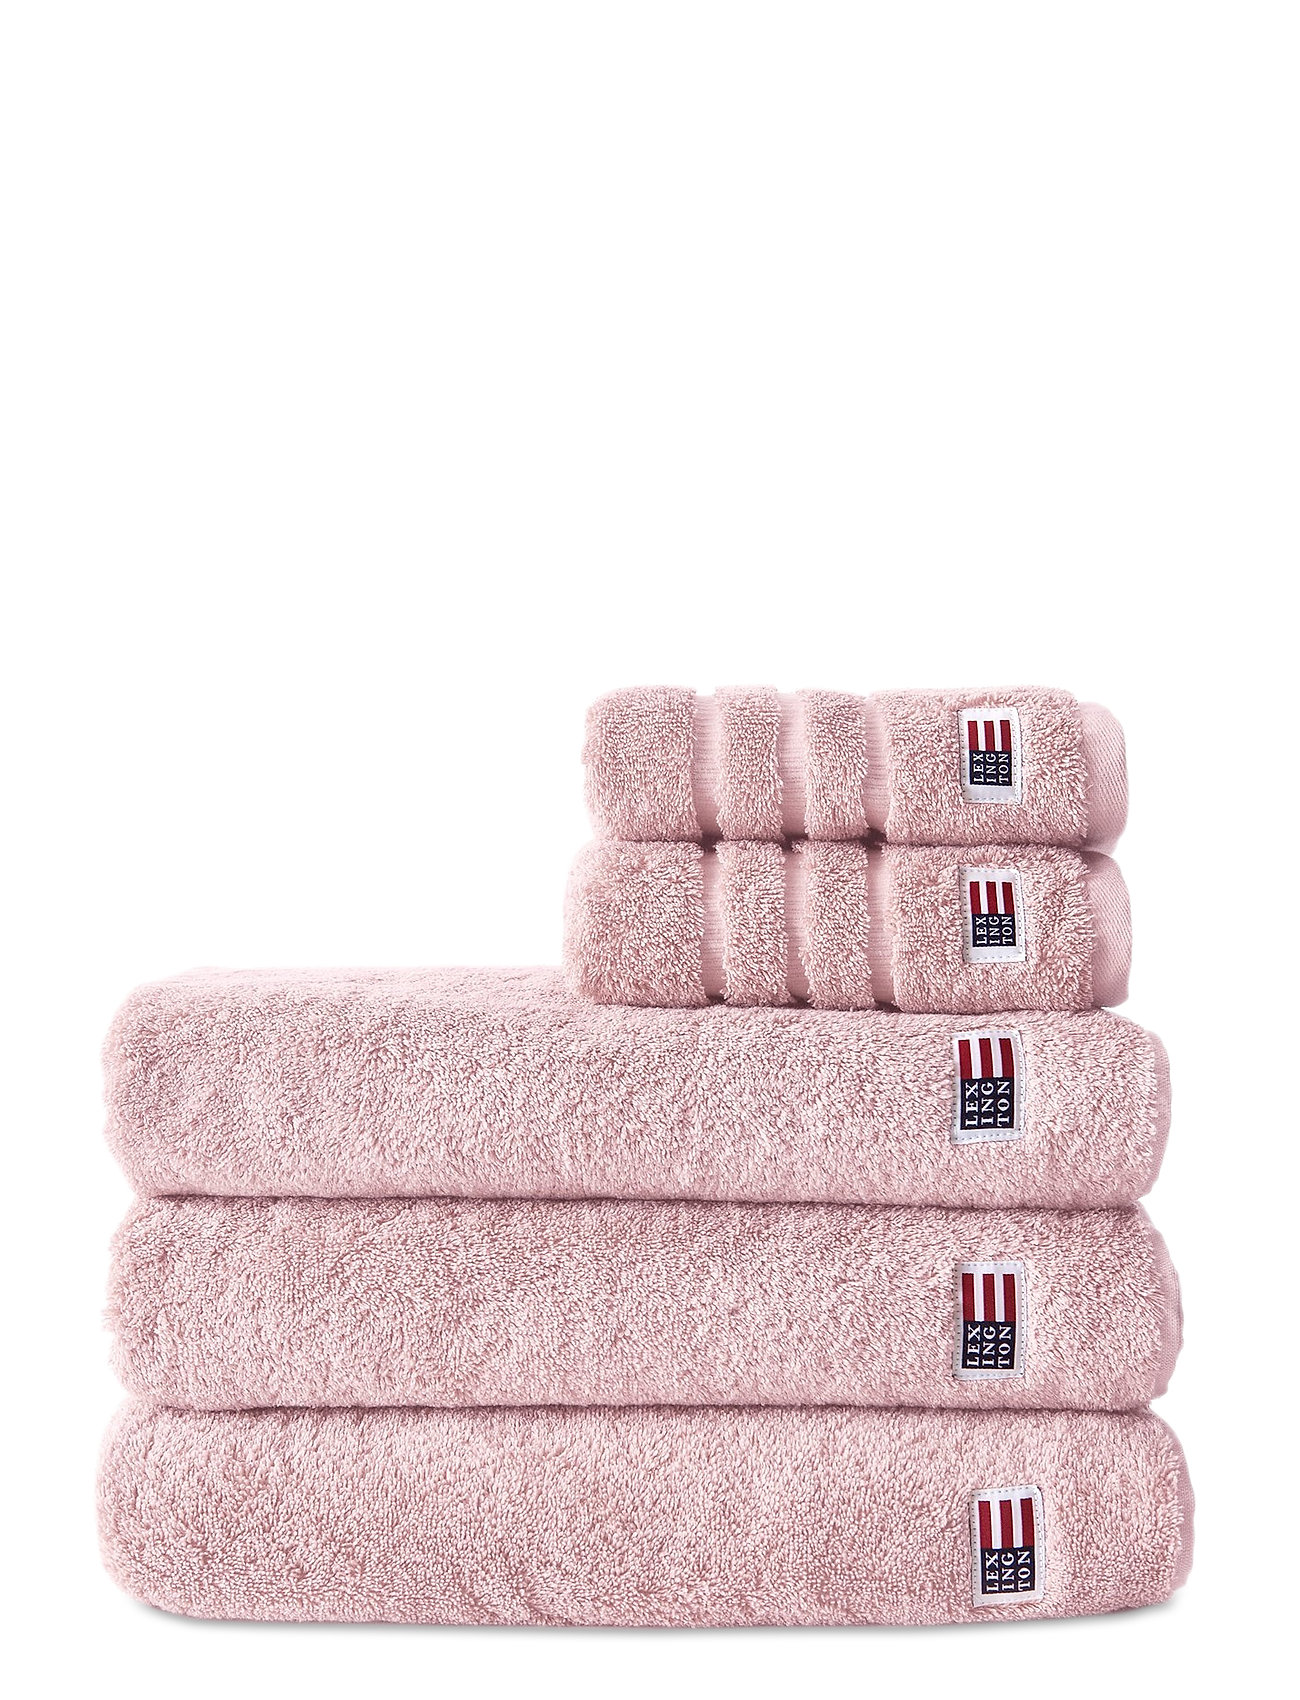 Lexington Home Original Towel Light Rose - LT. ROSE